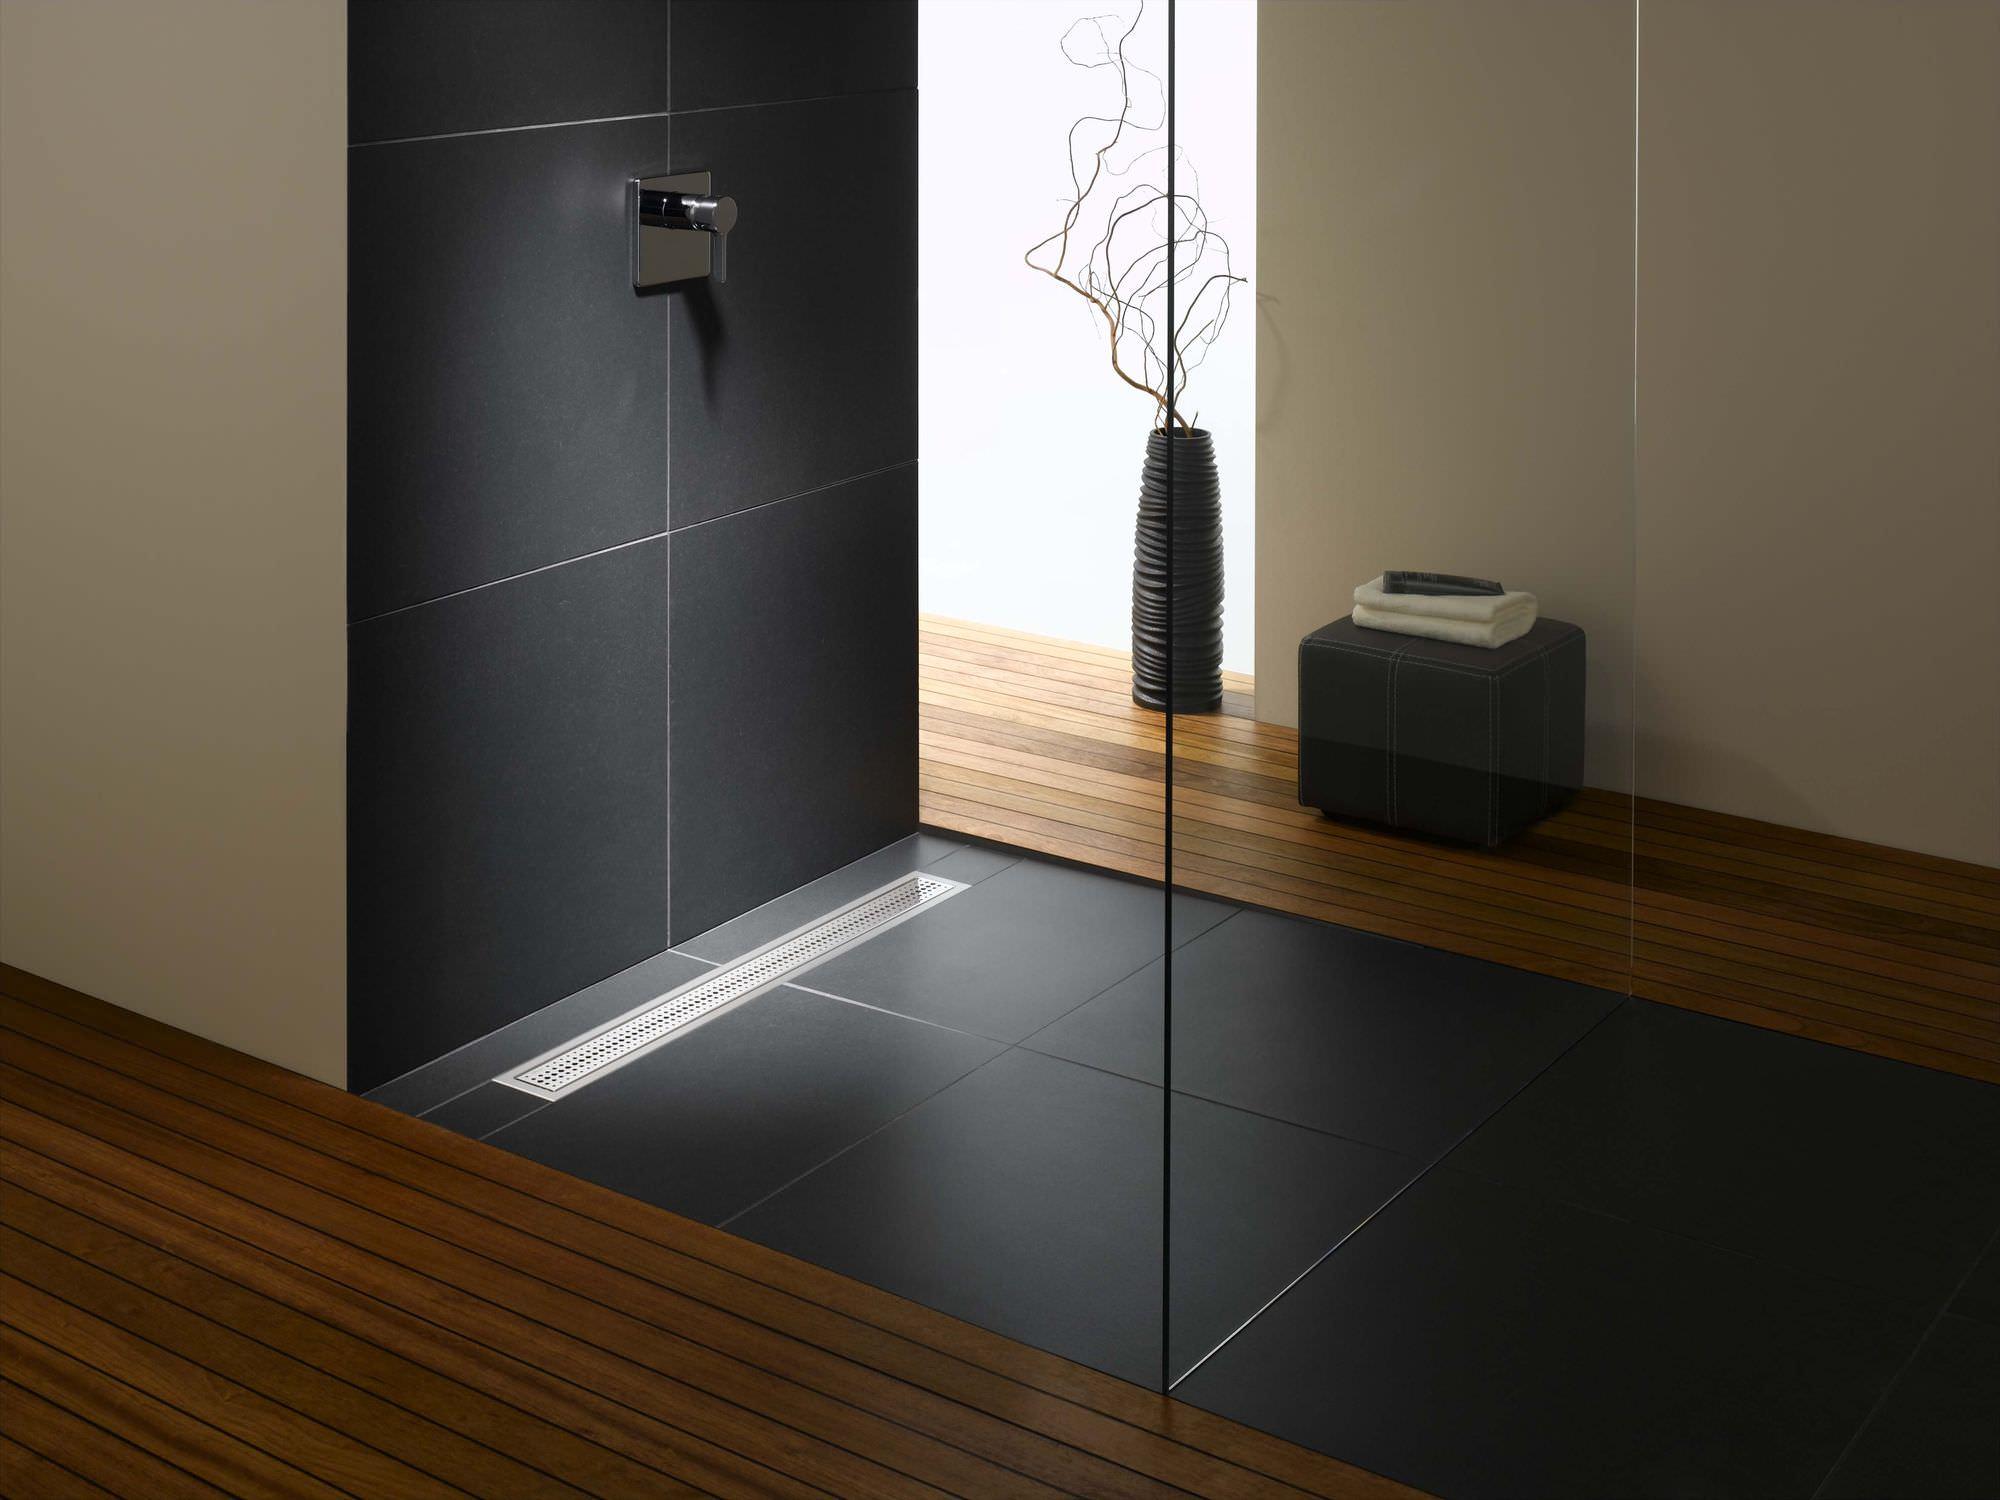 Душевая плита с трапом: устройство и возможности применения в интерьере ванной комнаты (20 фото)